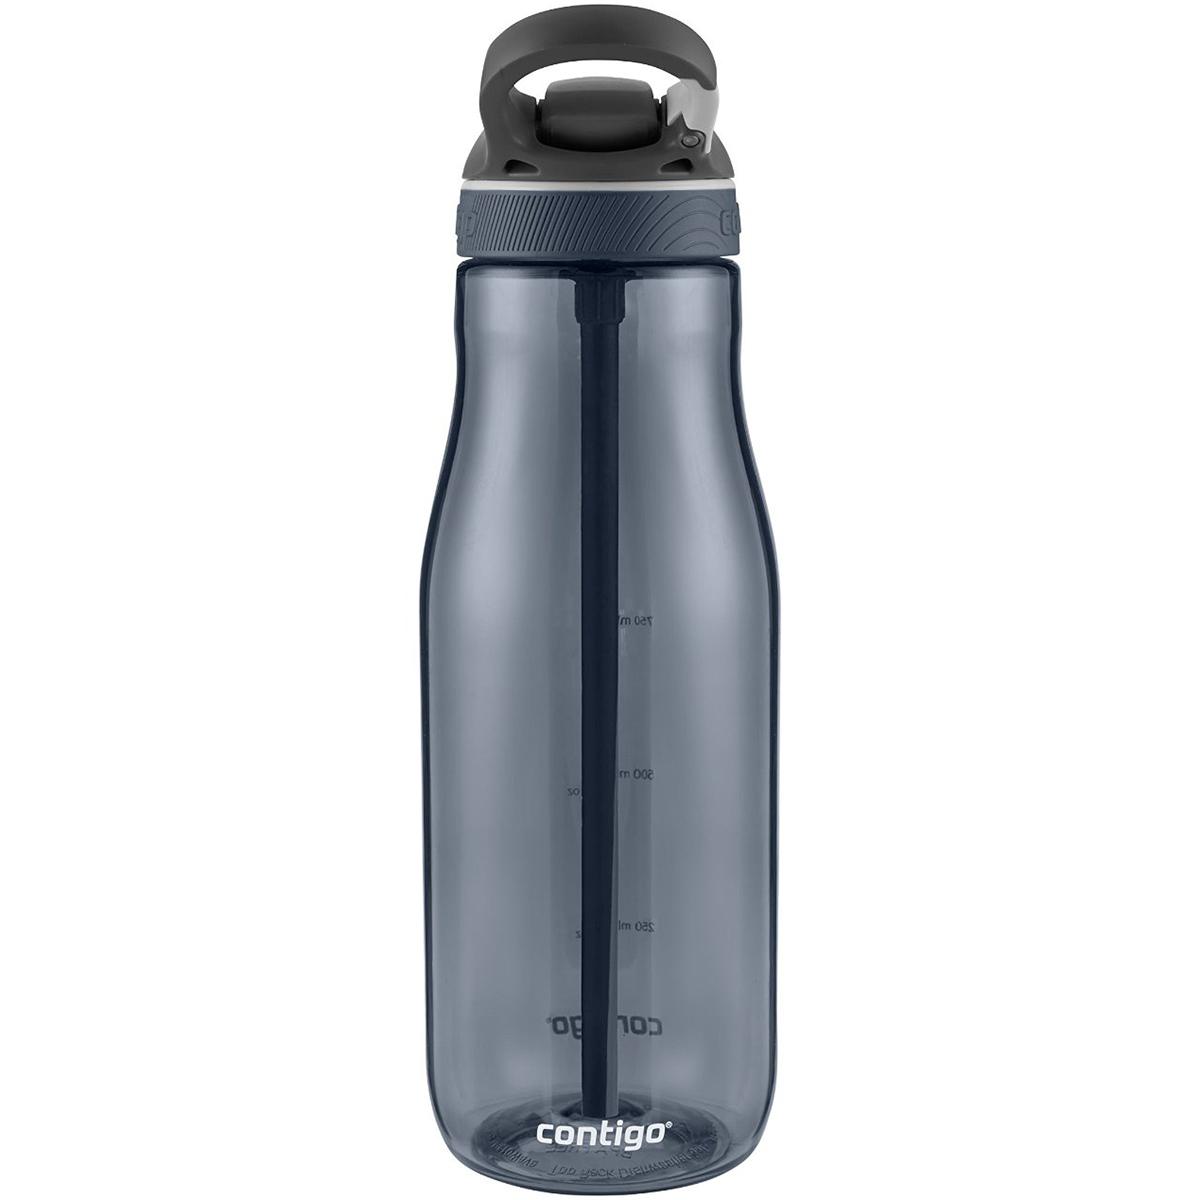 Contigo 40 oz Ashland Autospout Water Bottle